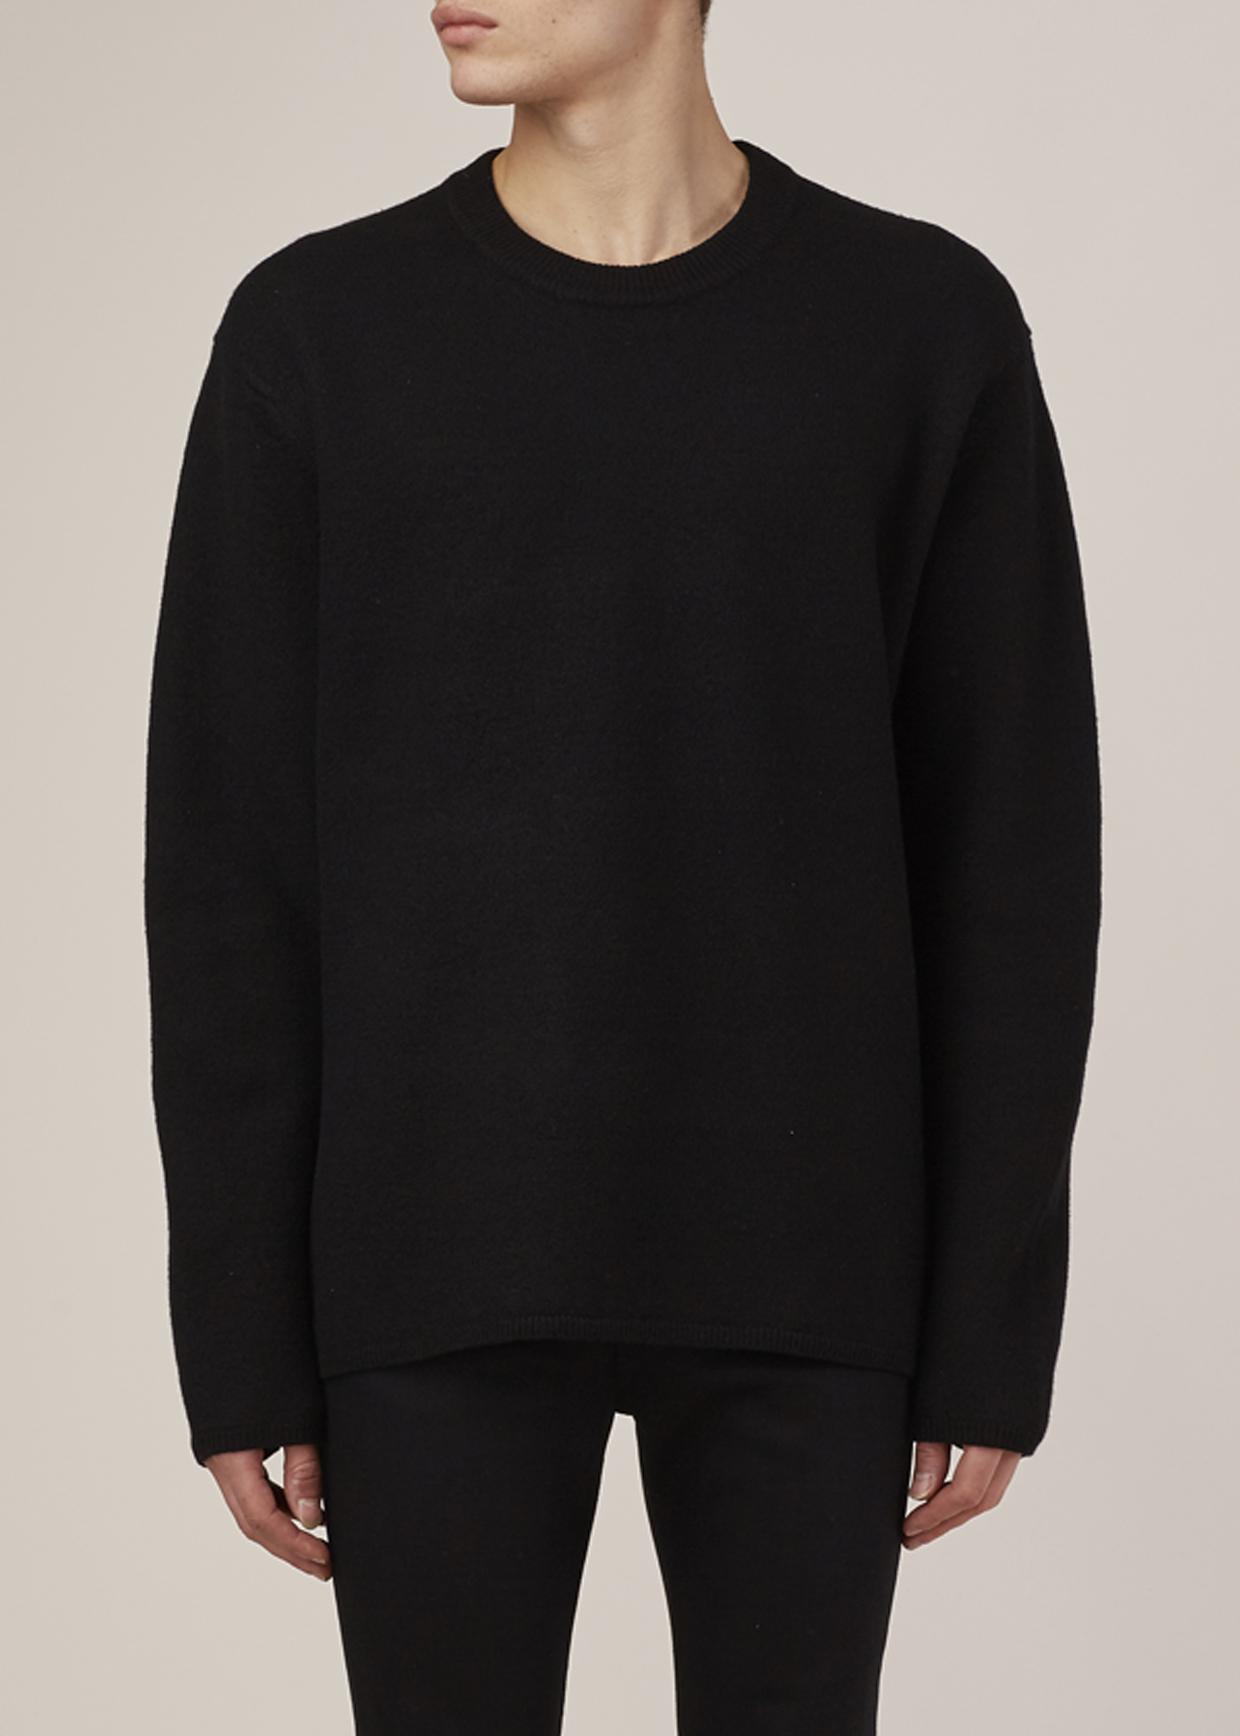 Acne studios Black Micha Pullover in Black for Men | Lyst